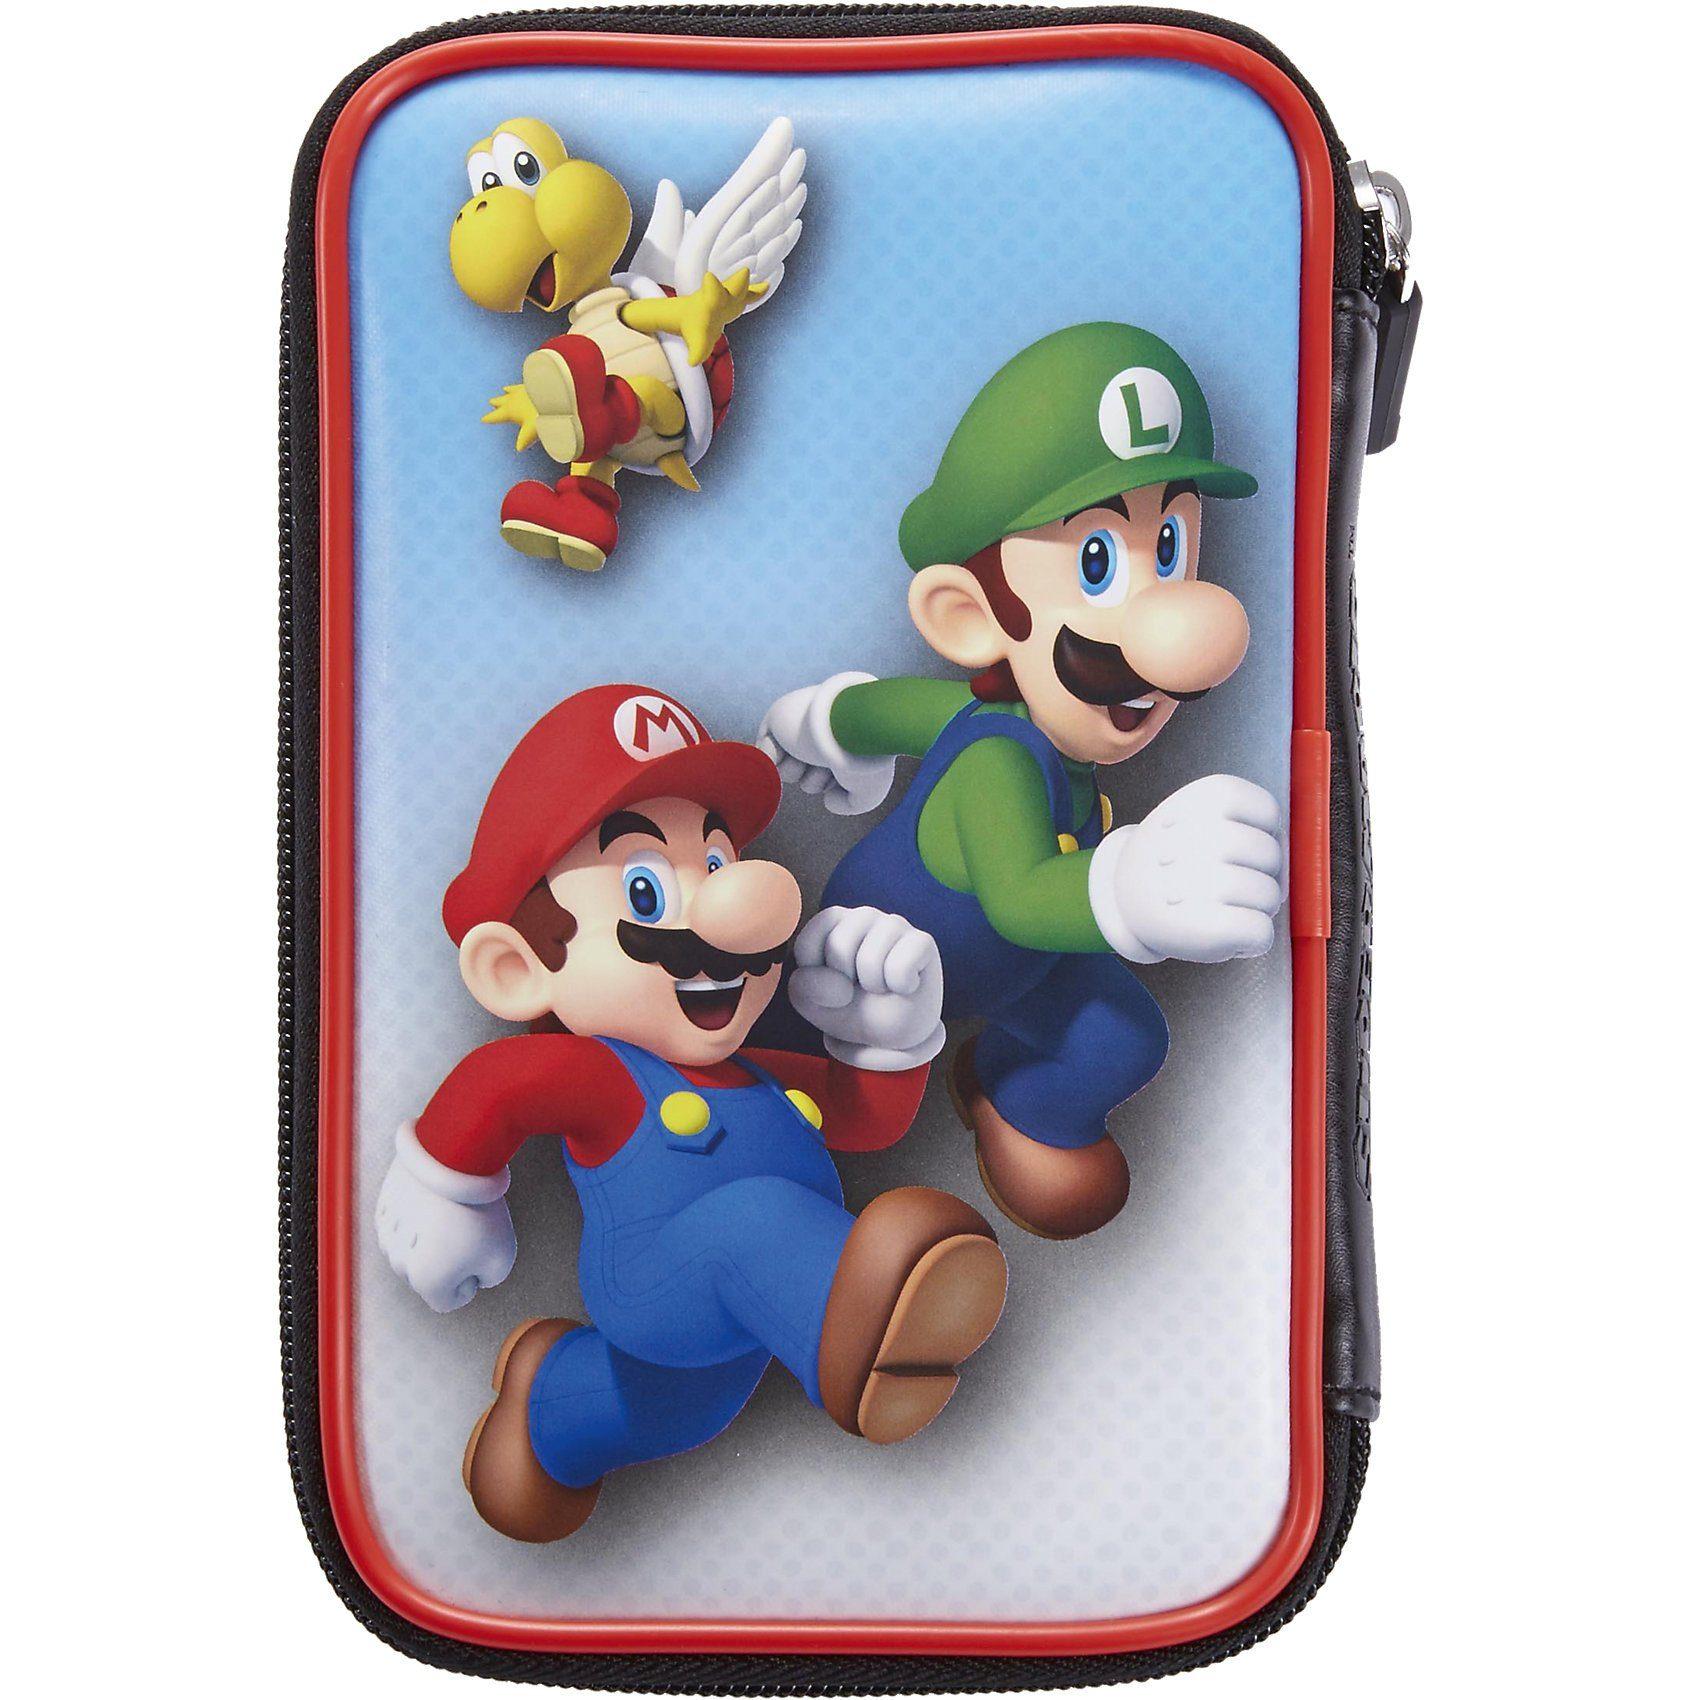 BigBen Nintendo 3DS XL Tasche Mario & Luigi